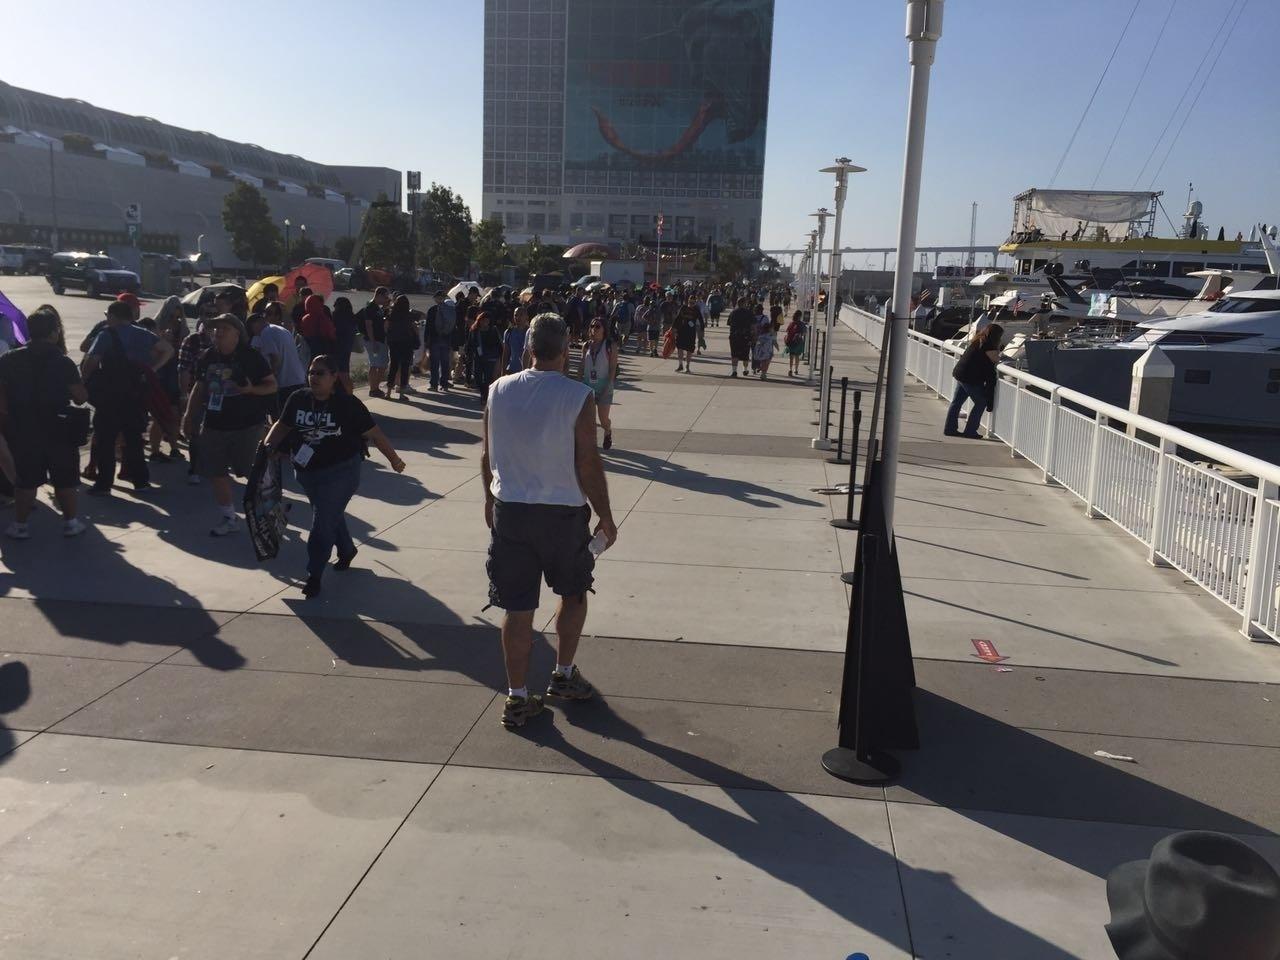 23.jul.2016- Fãs fazem fila para entrar no Hall H, principal auditório da Comic-Con. Lá a DC e a Marvel irão apresentar suas novidades para o cinema neste sábado